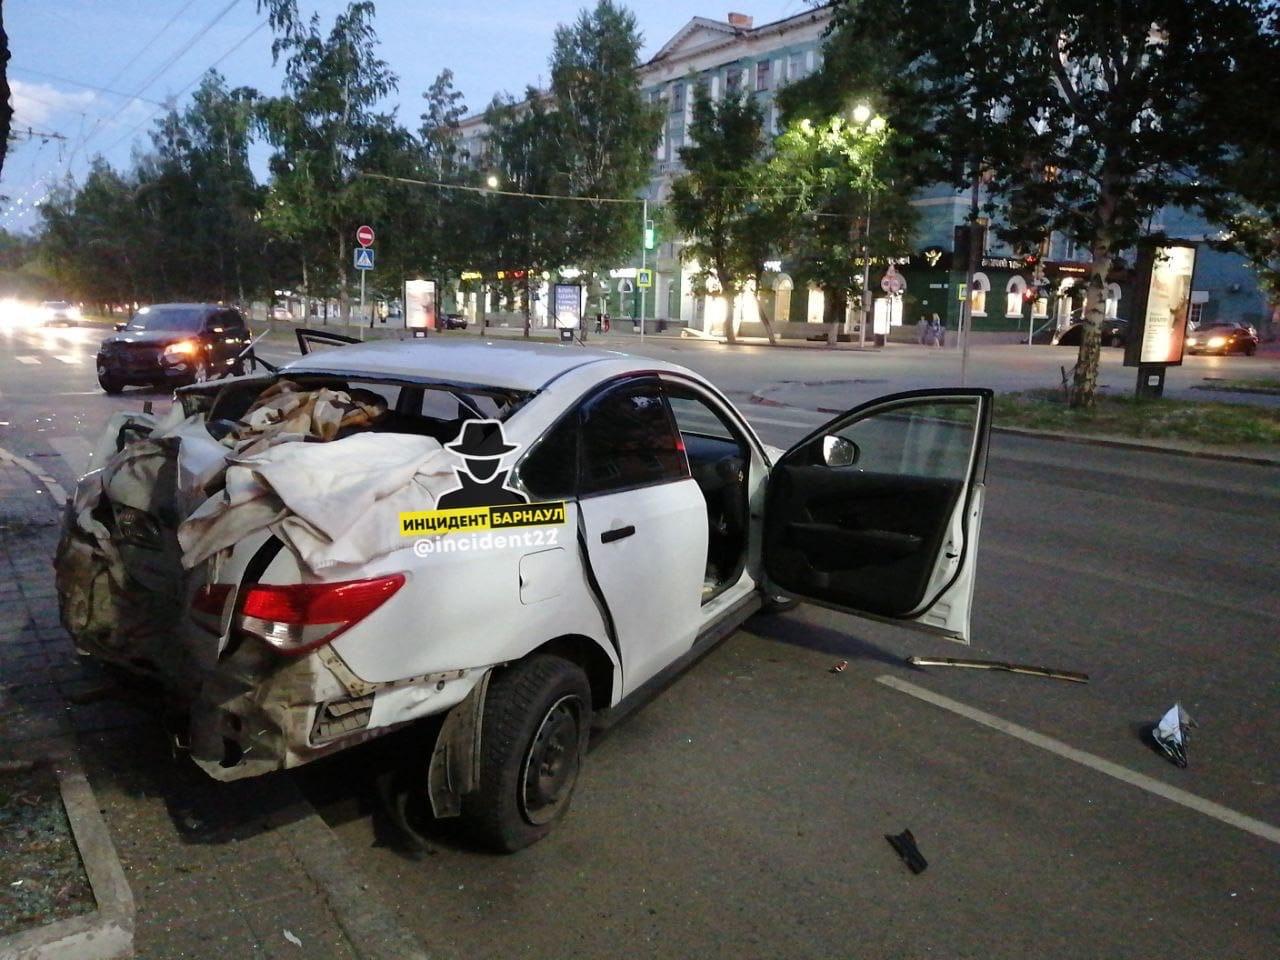 Один человек погиб несколько пострадали очередной серии летним вечером Барнауле